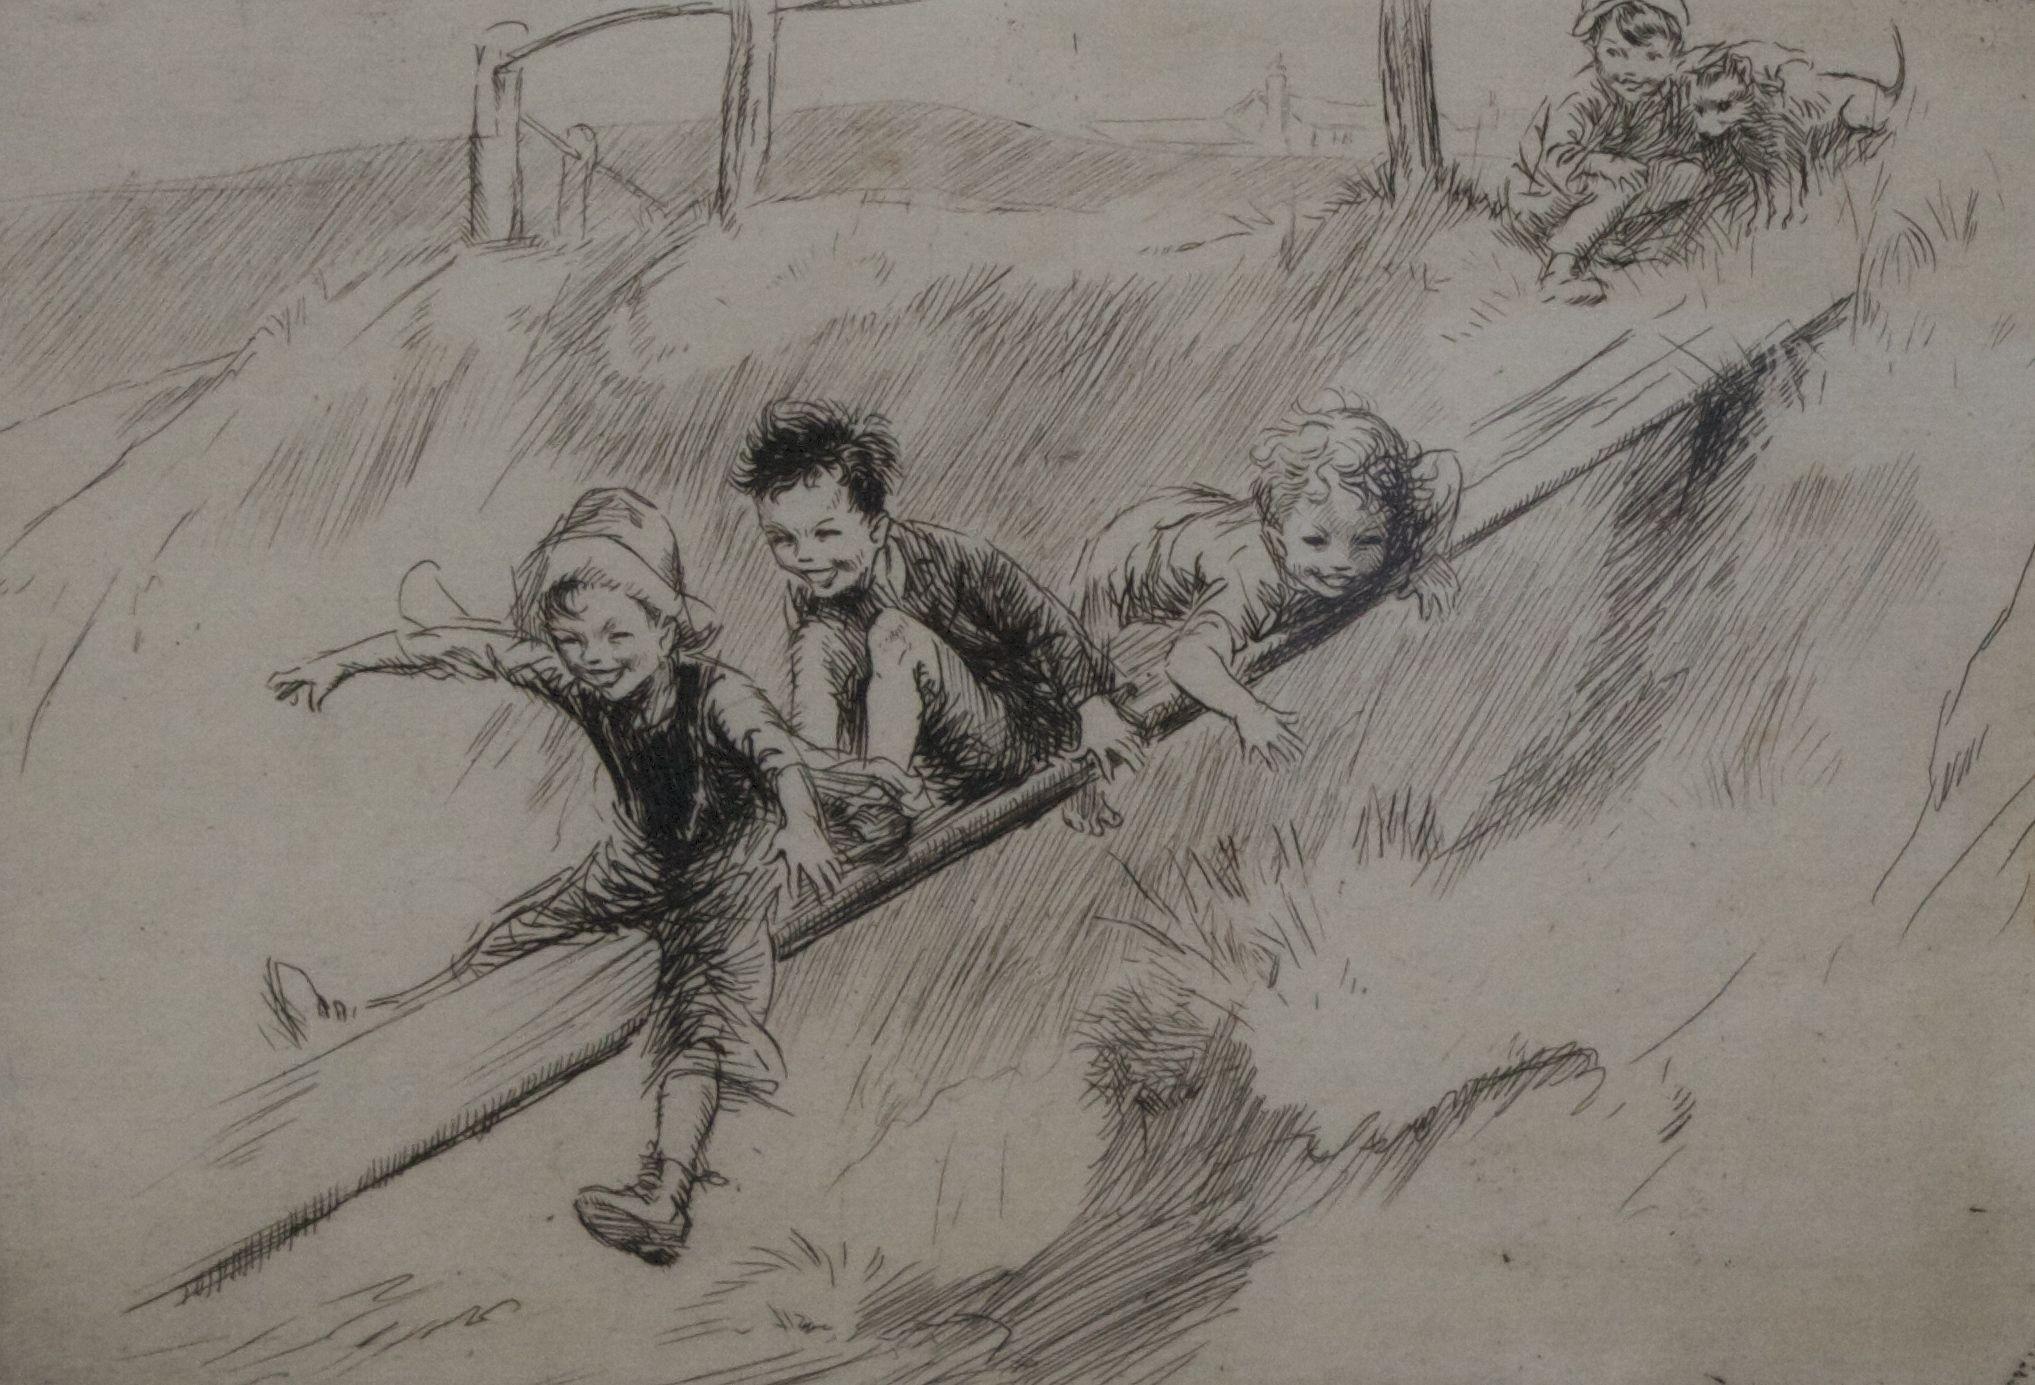 O escorrega, Eileen Soper, c. 1926.